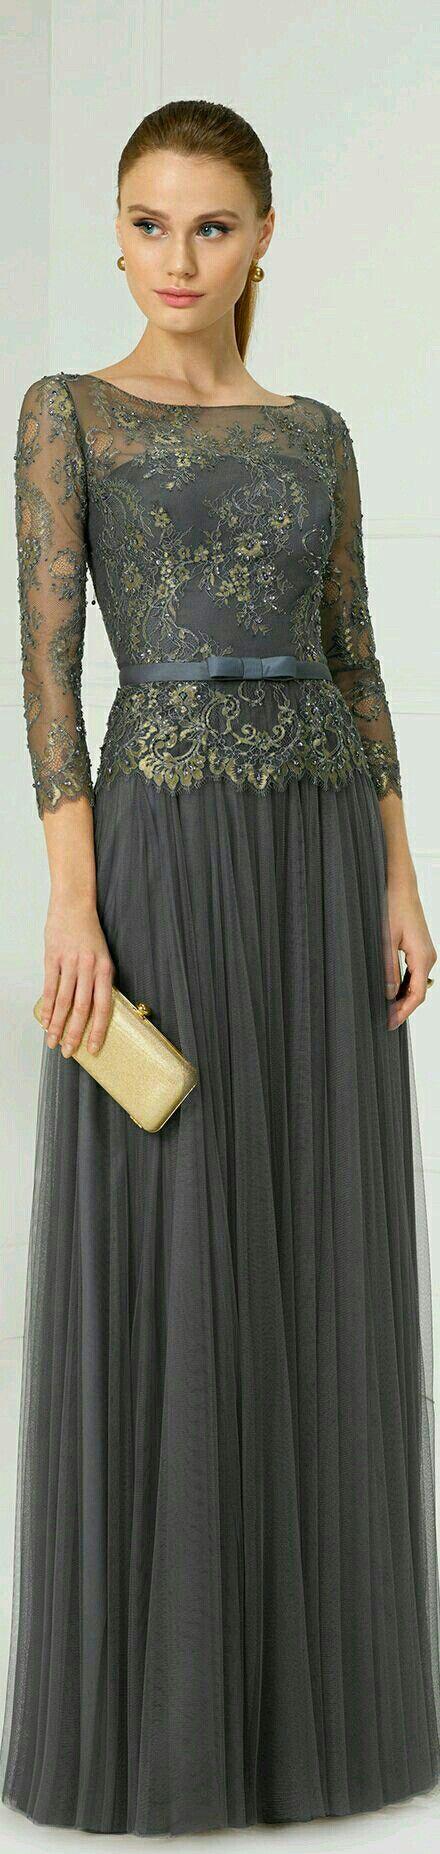 Alle Kleider sommerkleider in übergrößen : 92 besten Brokat Style Bilder auf Pinterest | Mutter der Braut ...